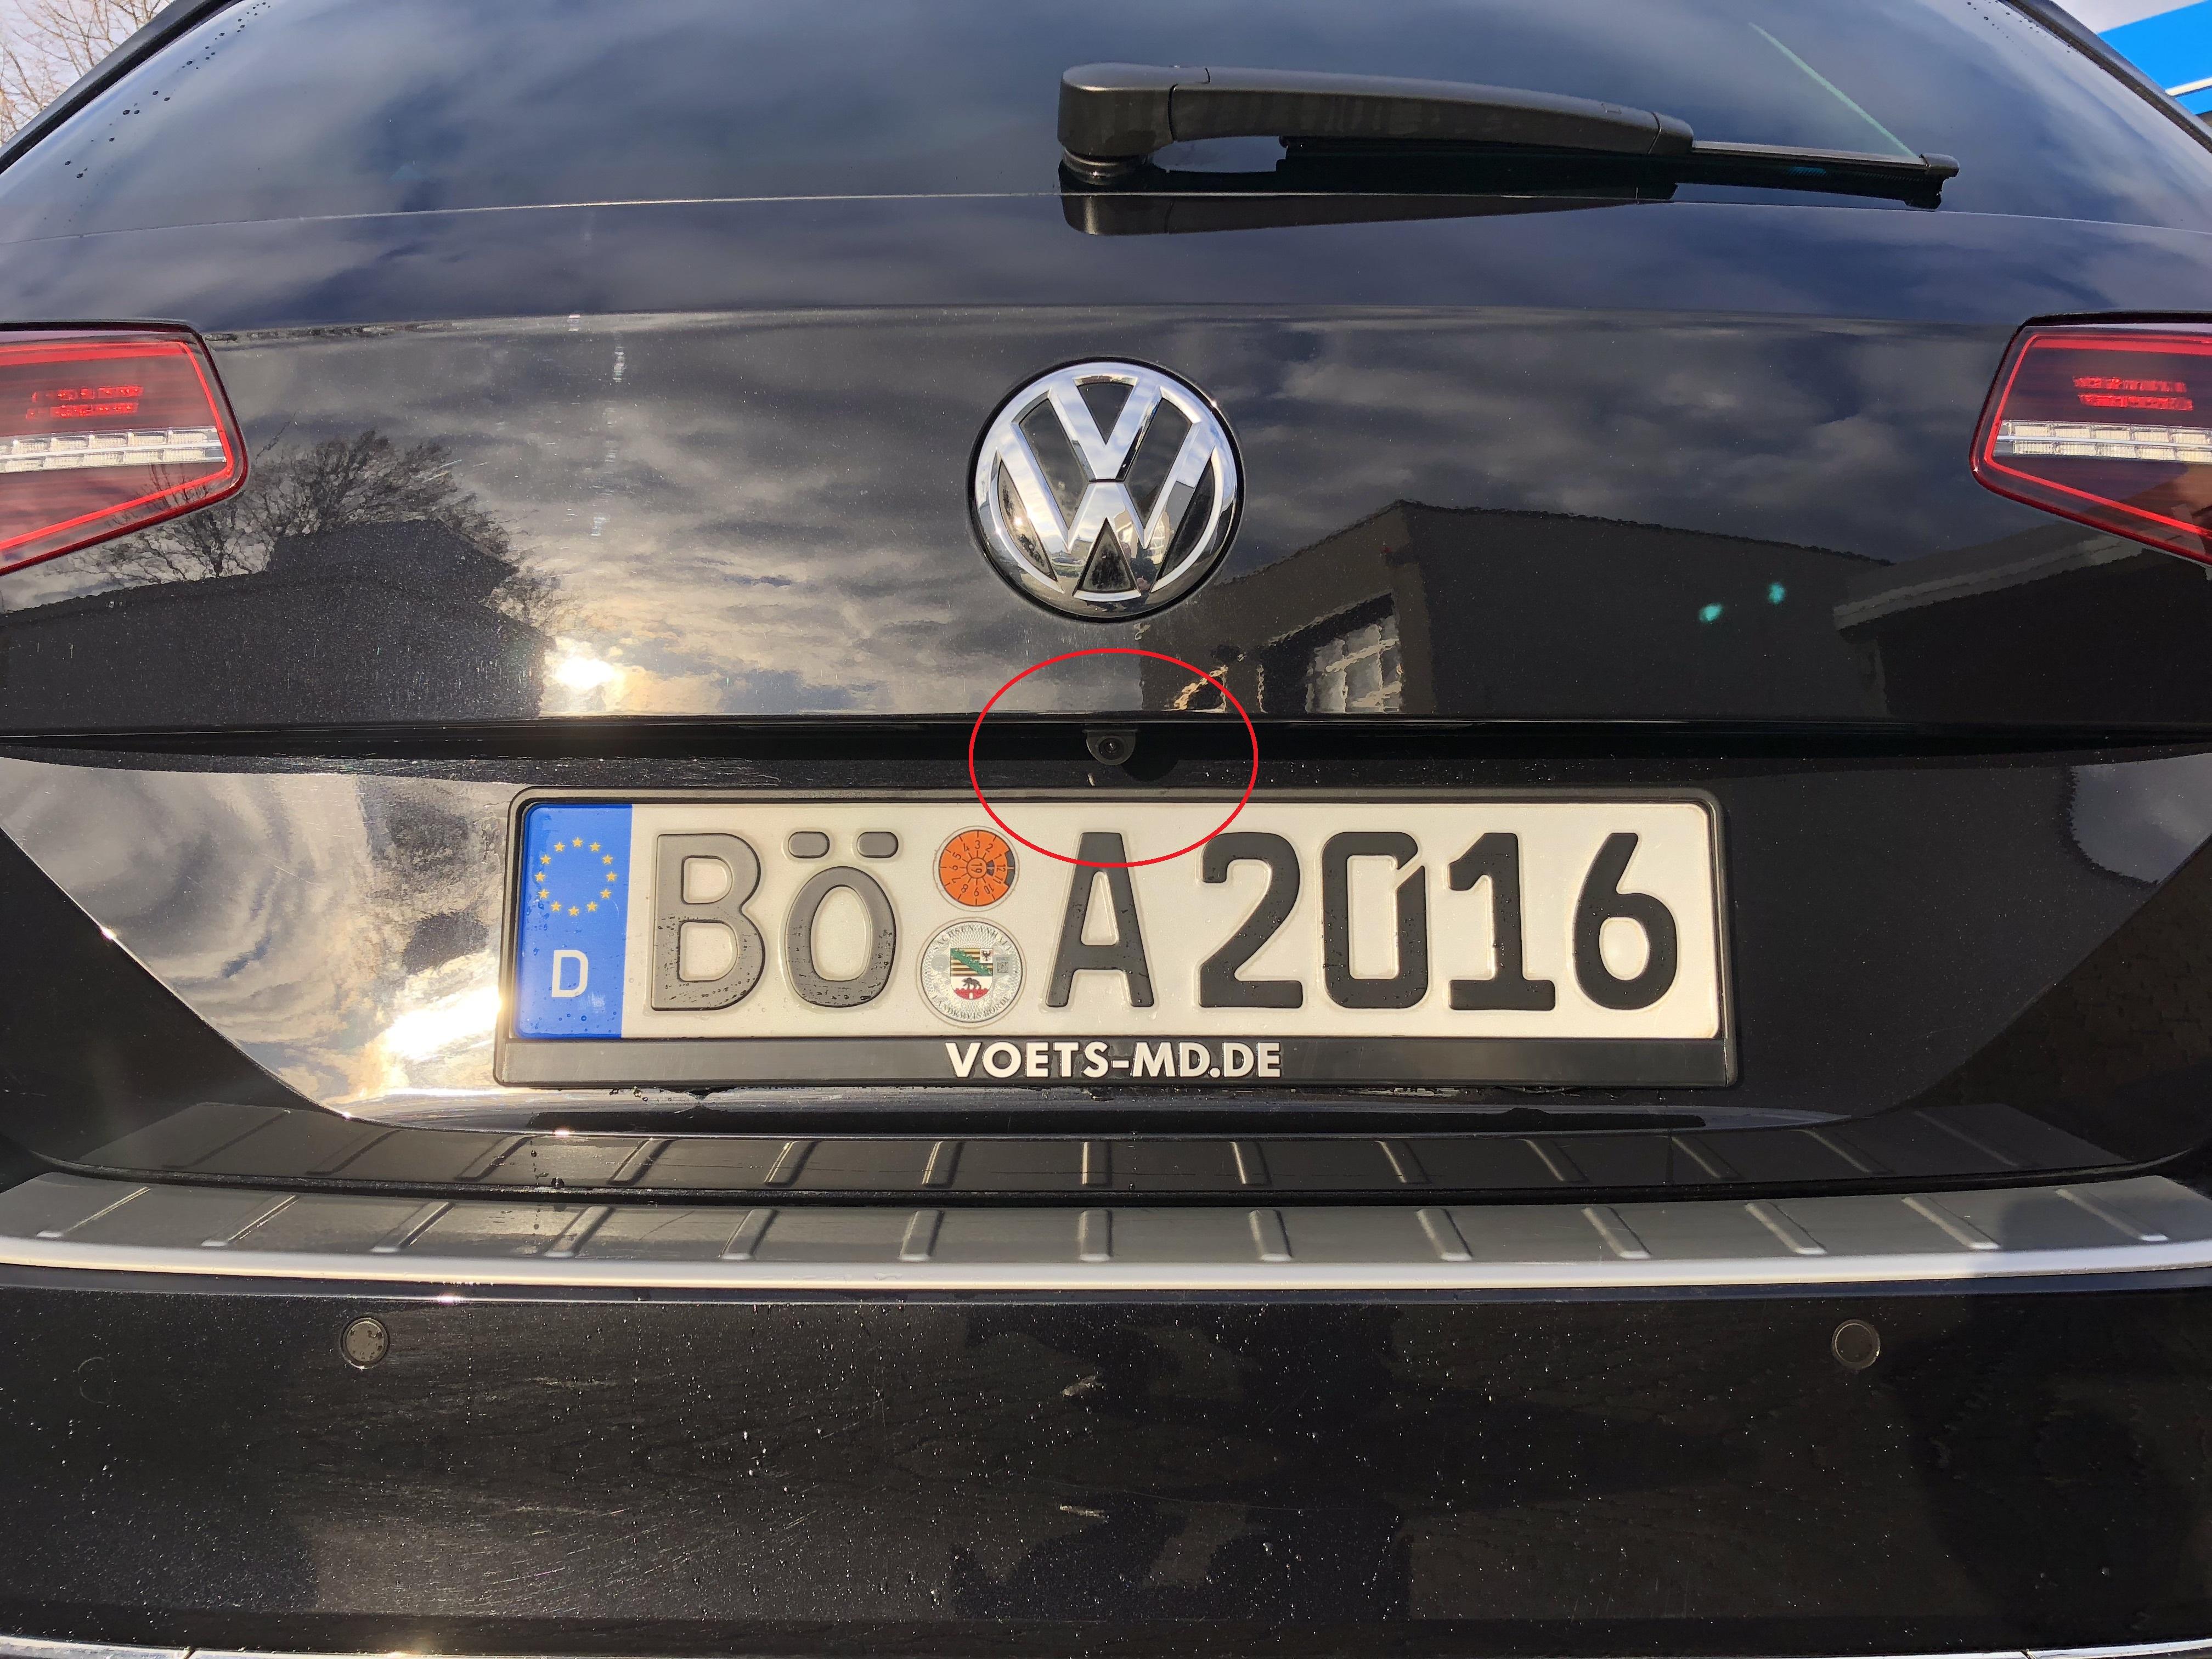 Nett Pto Kabelbaum Bilder - Der Schaltplan - greigo.com